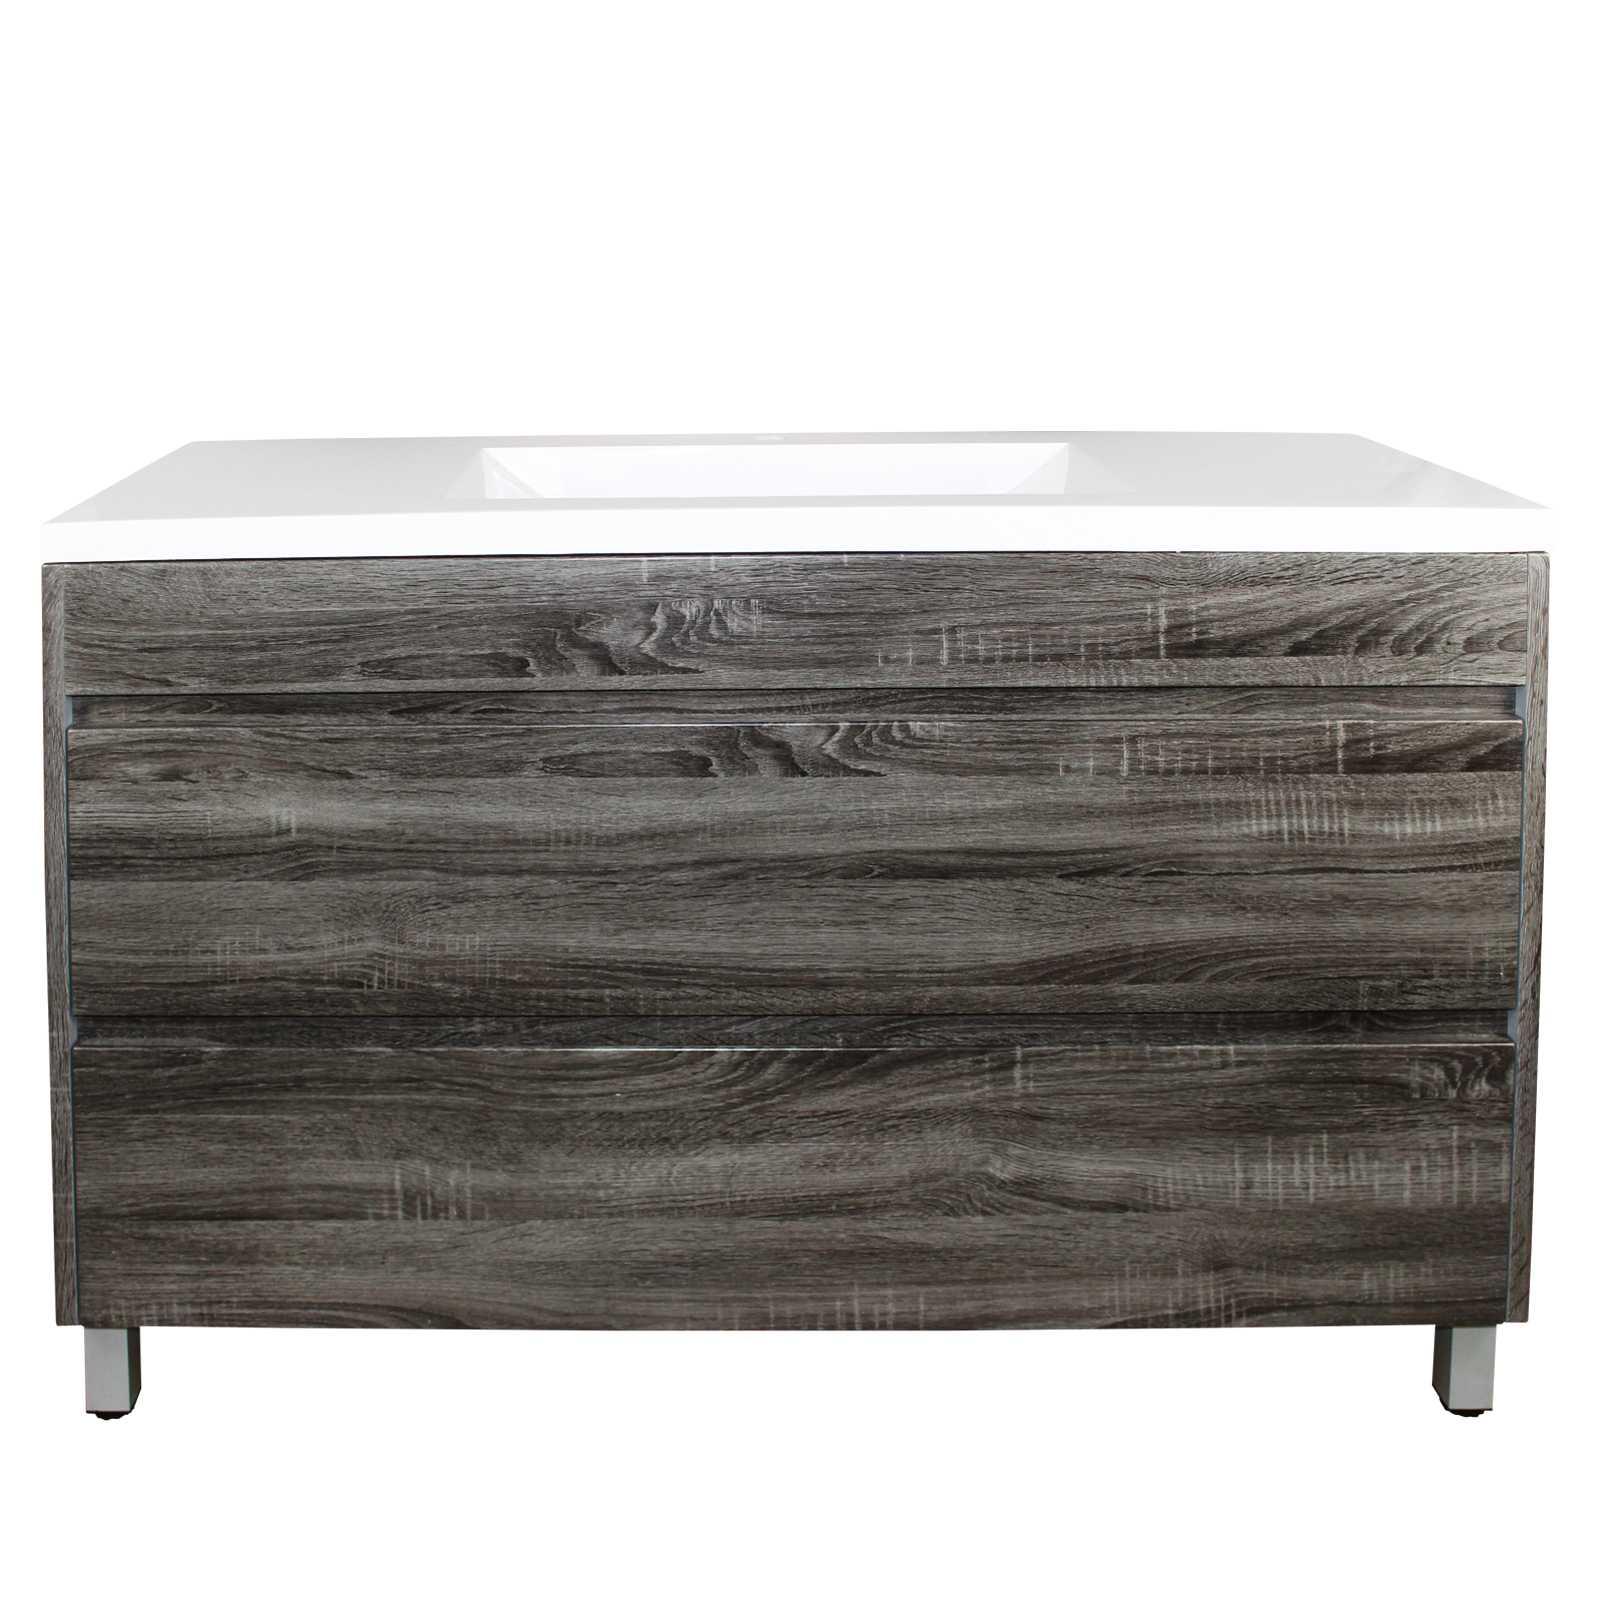 1200mm Dark Grey Wood Grain Drawer Vanity on Legs